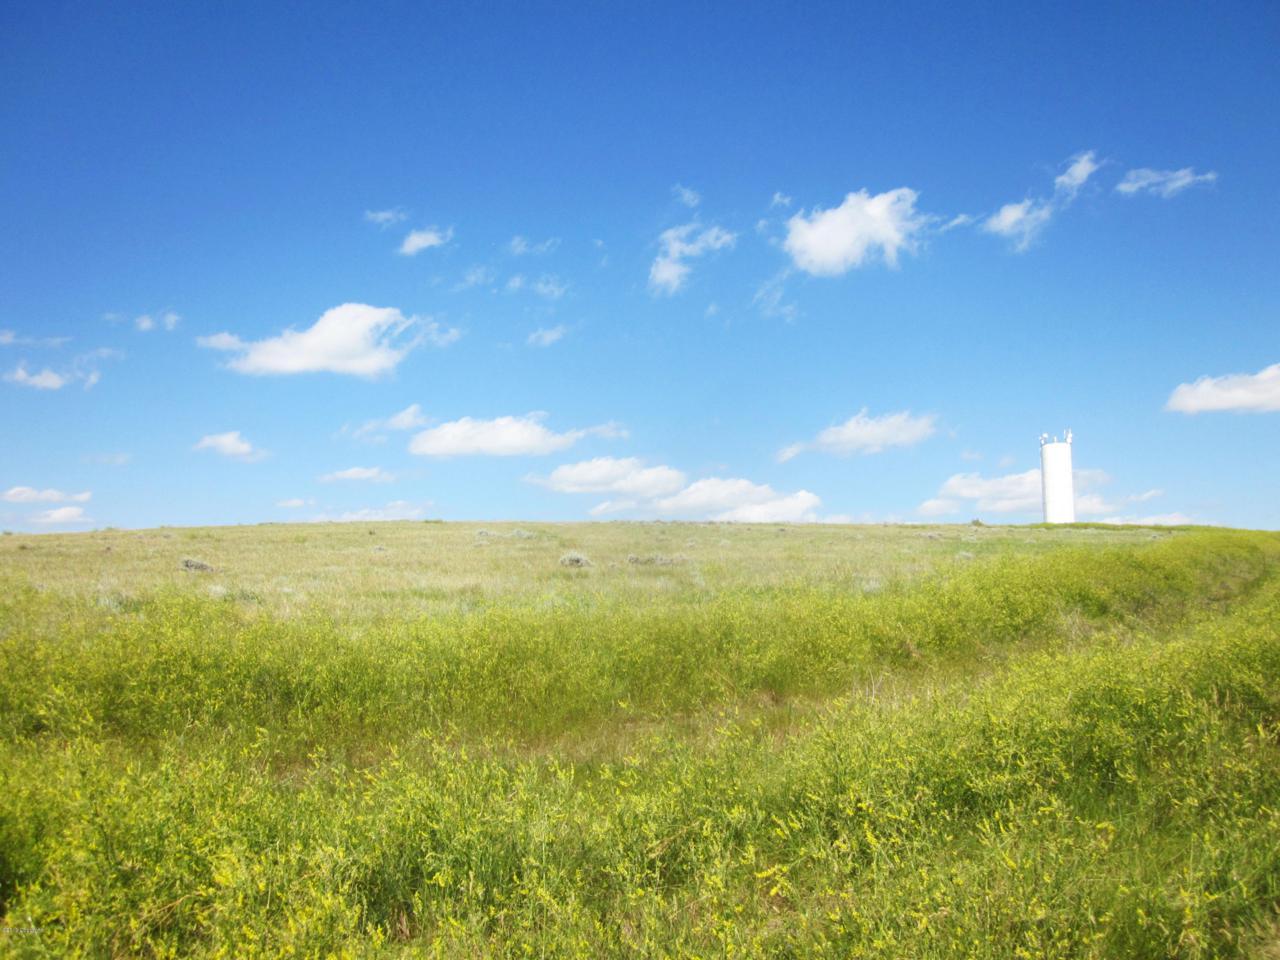 76 Prairie St - Photo 1